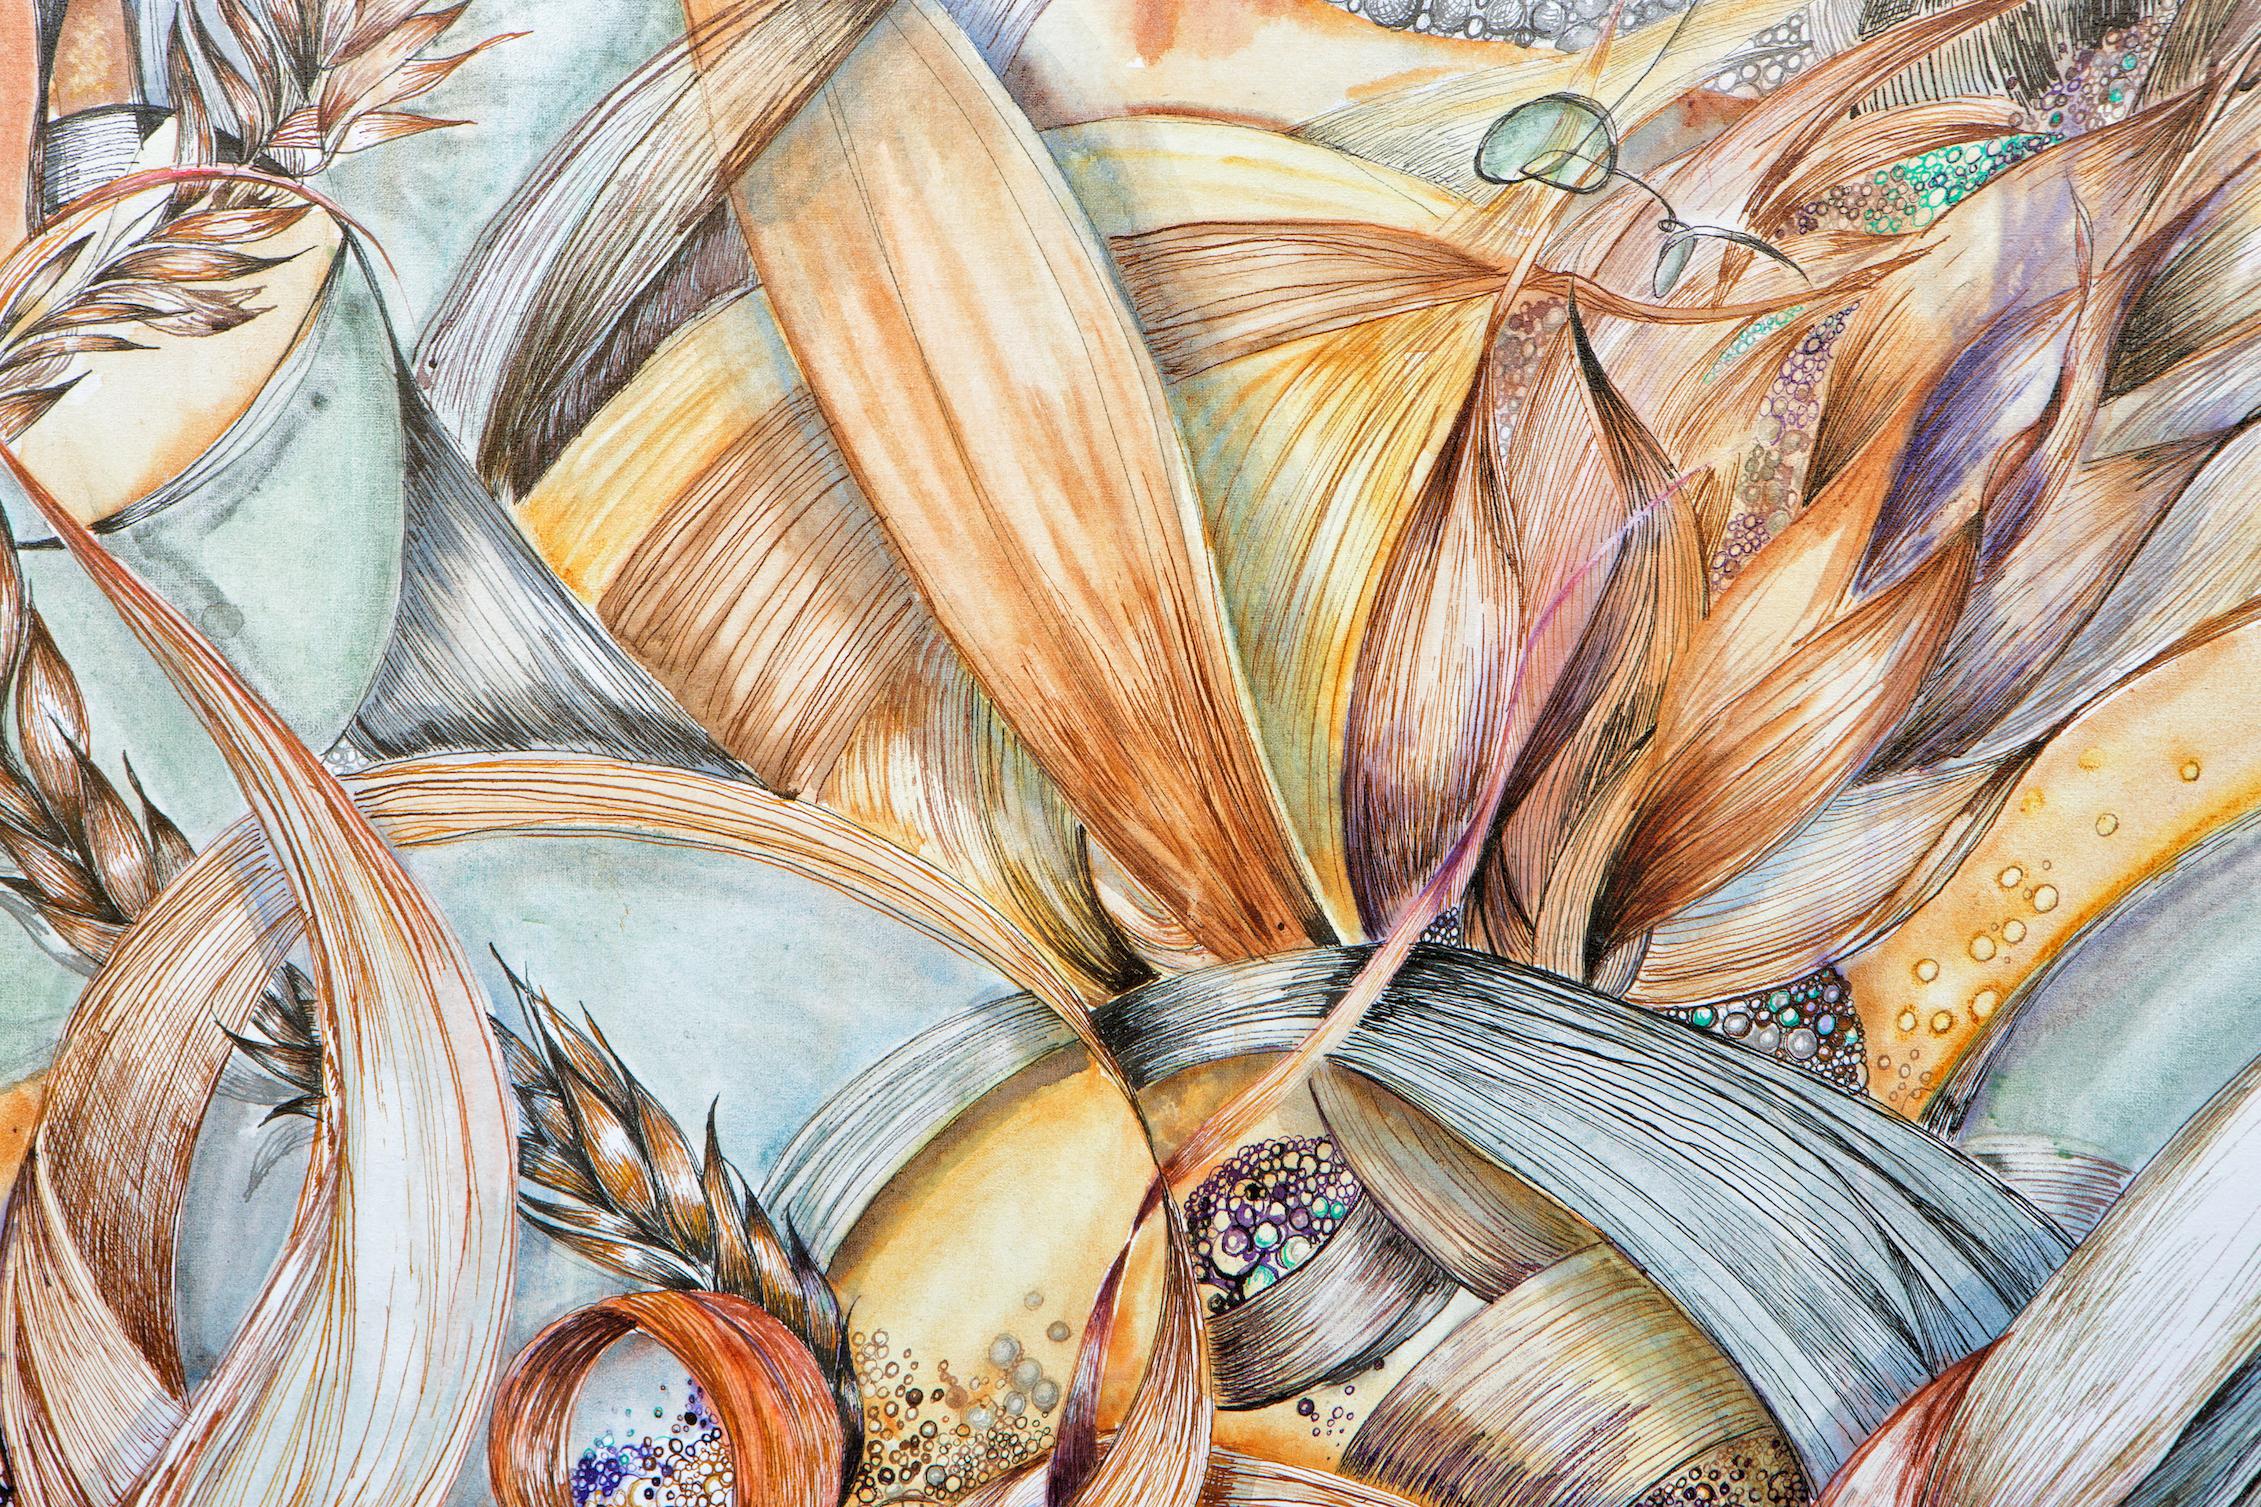 """Image: Detail of """"Somewhere Else Instead"""" – Sarah Alexander"""